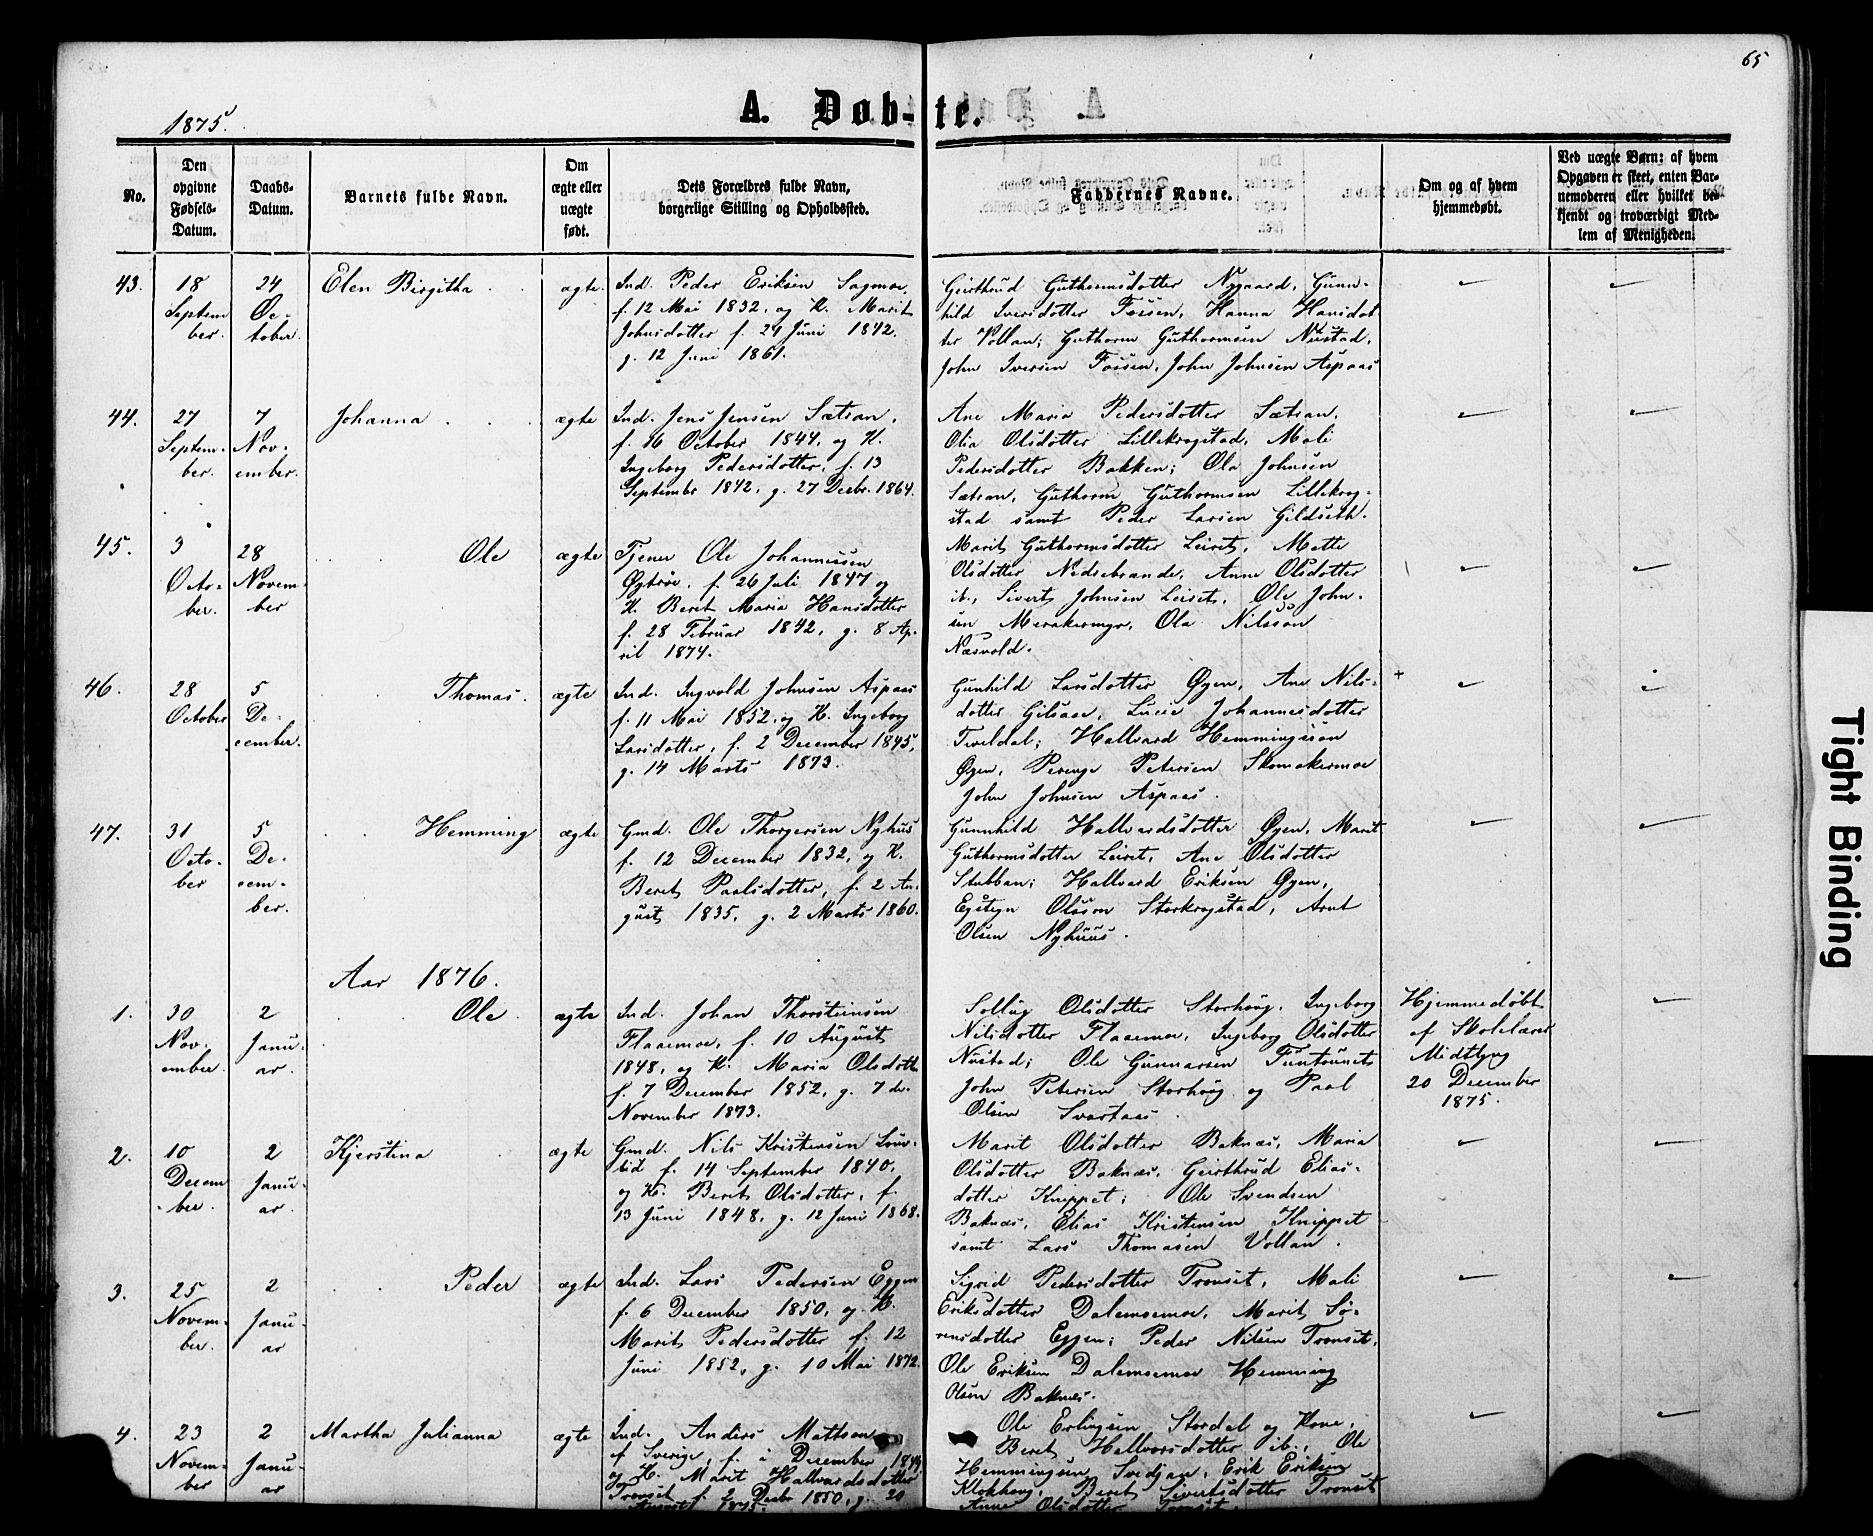 SAT, Ministerialprotokoller, klokkerbøker og fødselsregistre - Nord-Trøndelag, 706/L0049: Klokkerbok nr. 706C01, 1864-1895, s. 65